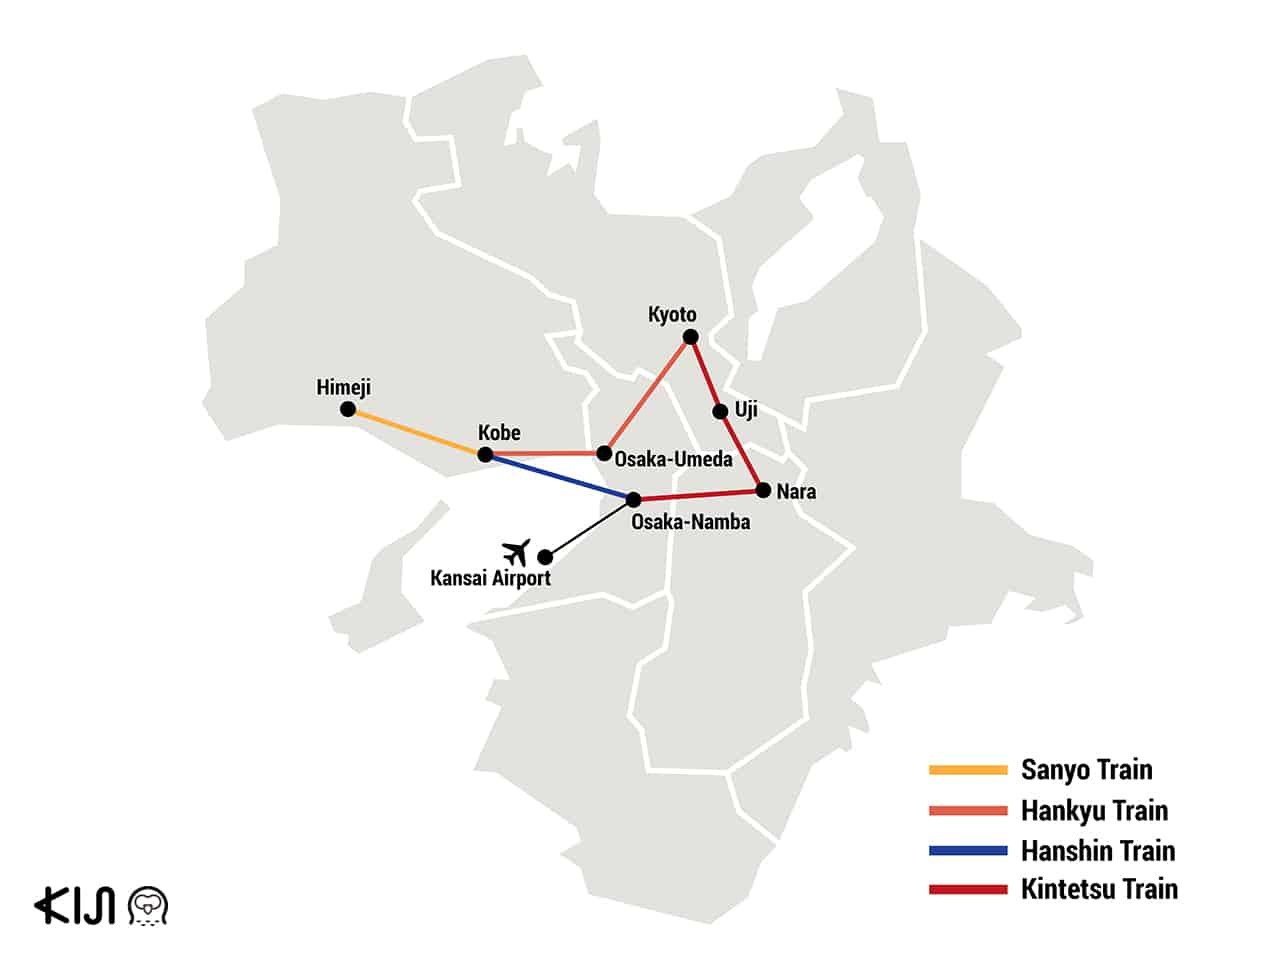 แผนที่การเดินทางไปนารา (Nara) และอุจิ (Uji) ด้วยรถไฟ Kintetsu, Hankyu Hanshin, และ Sanyo